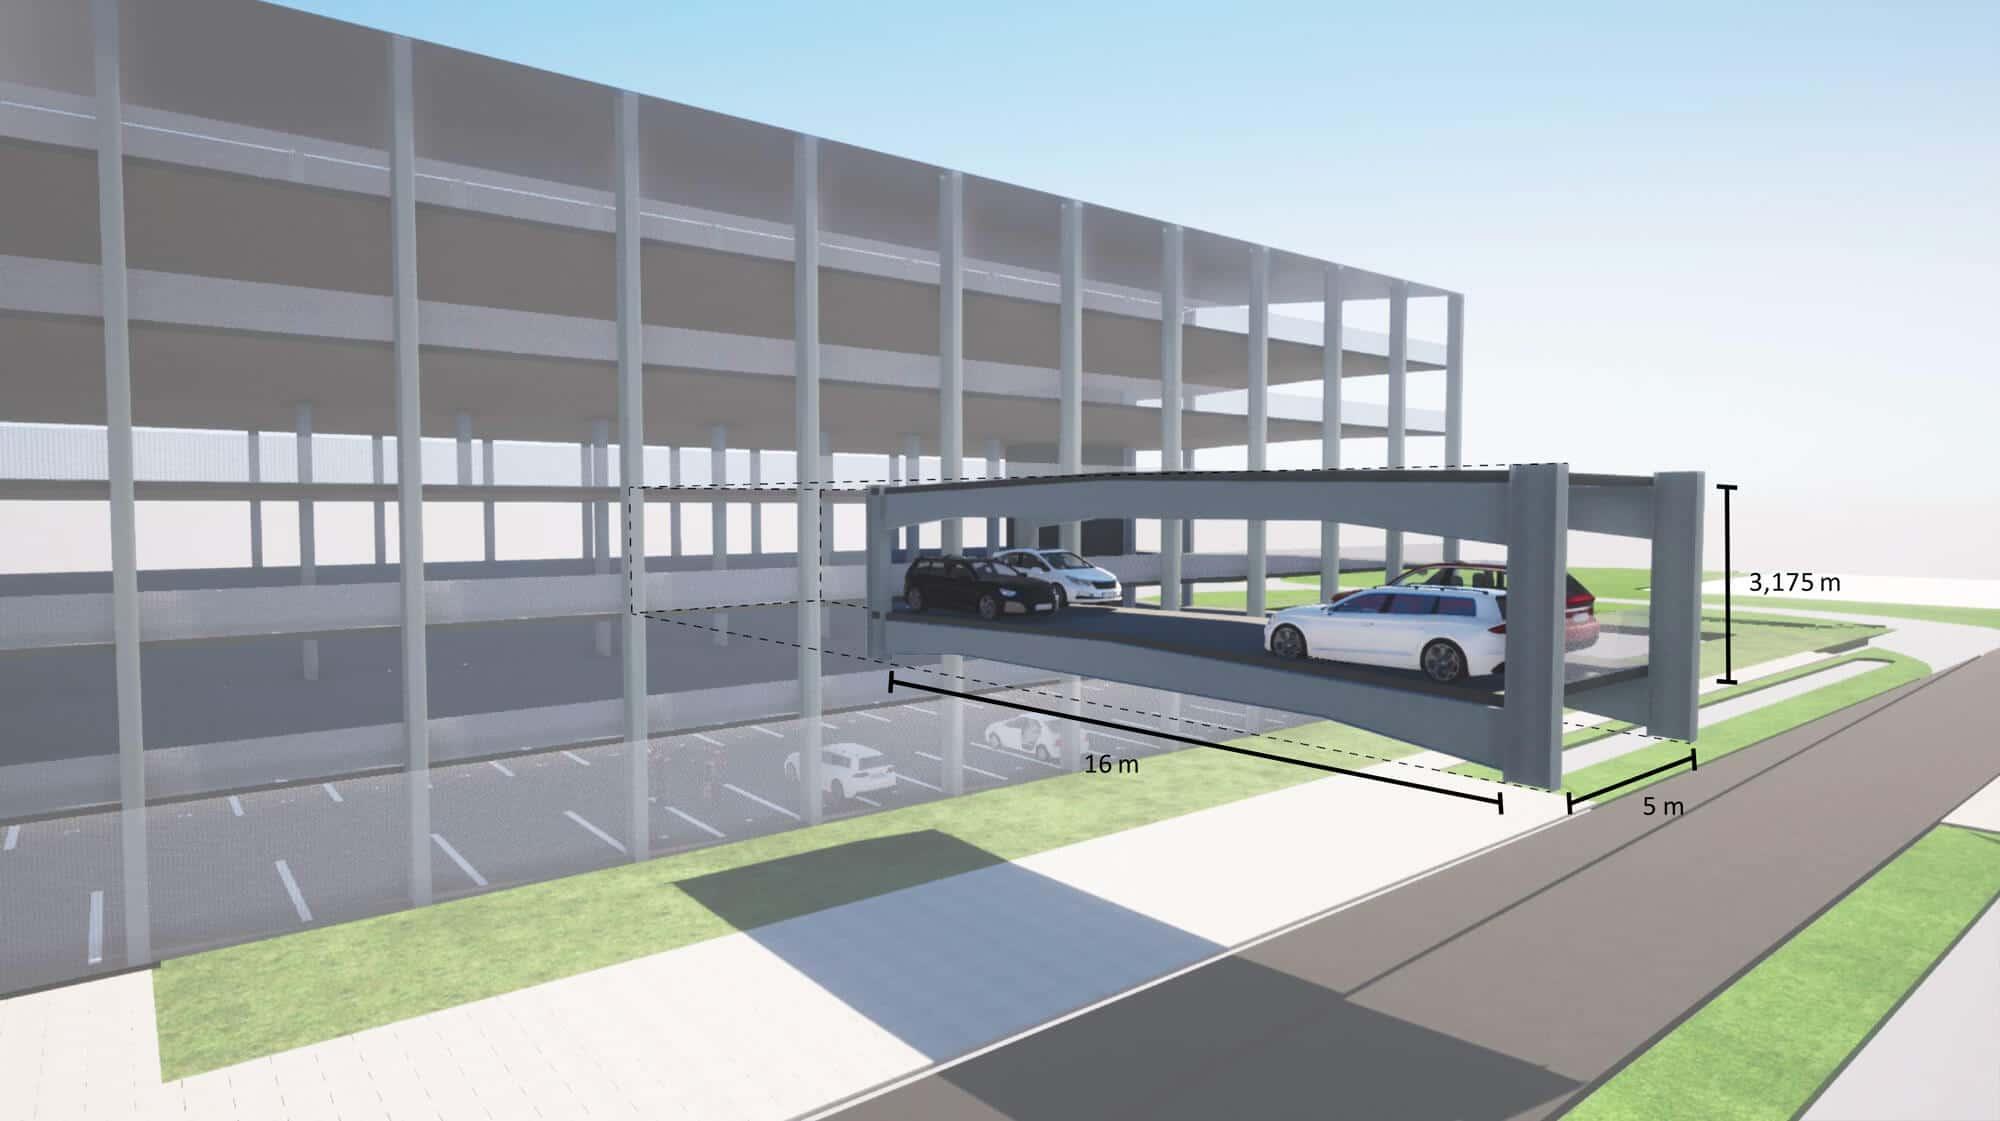 Le parking parking modulaire Astron : un concept évolutif démontable et remontable à volonté